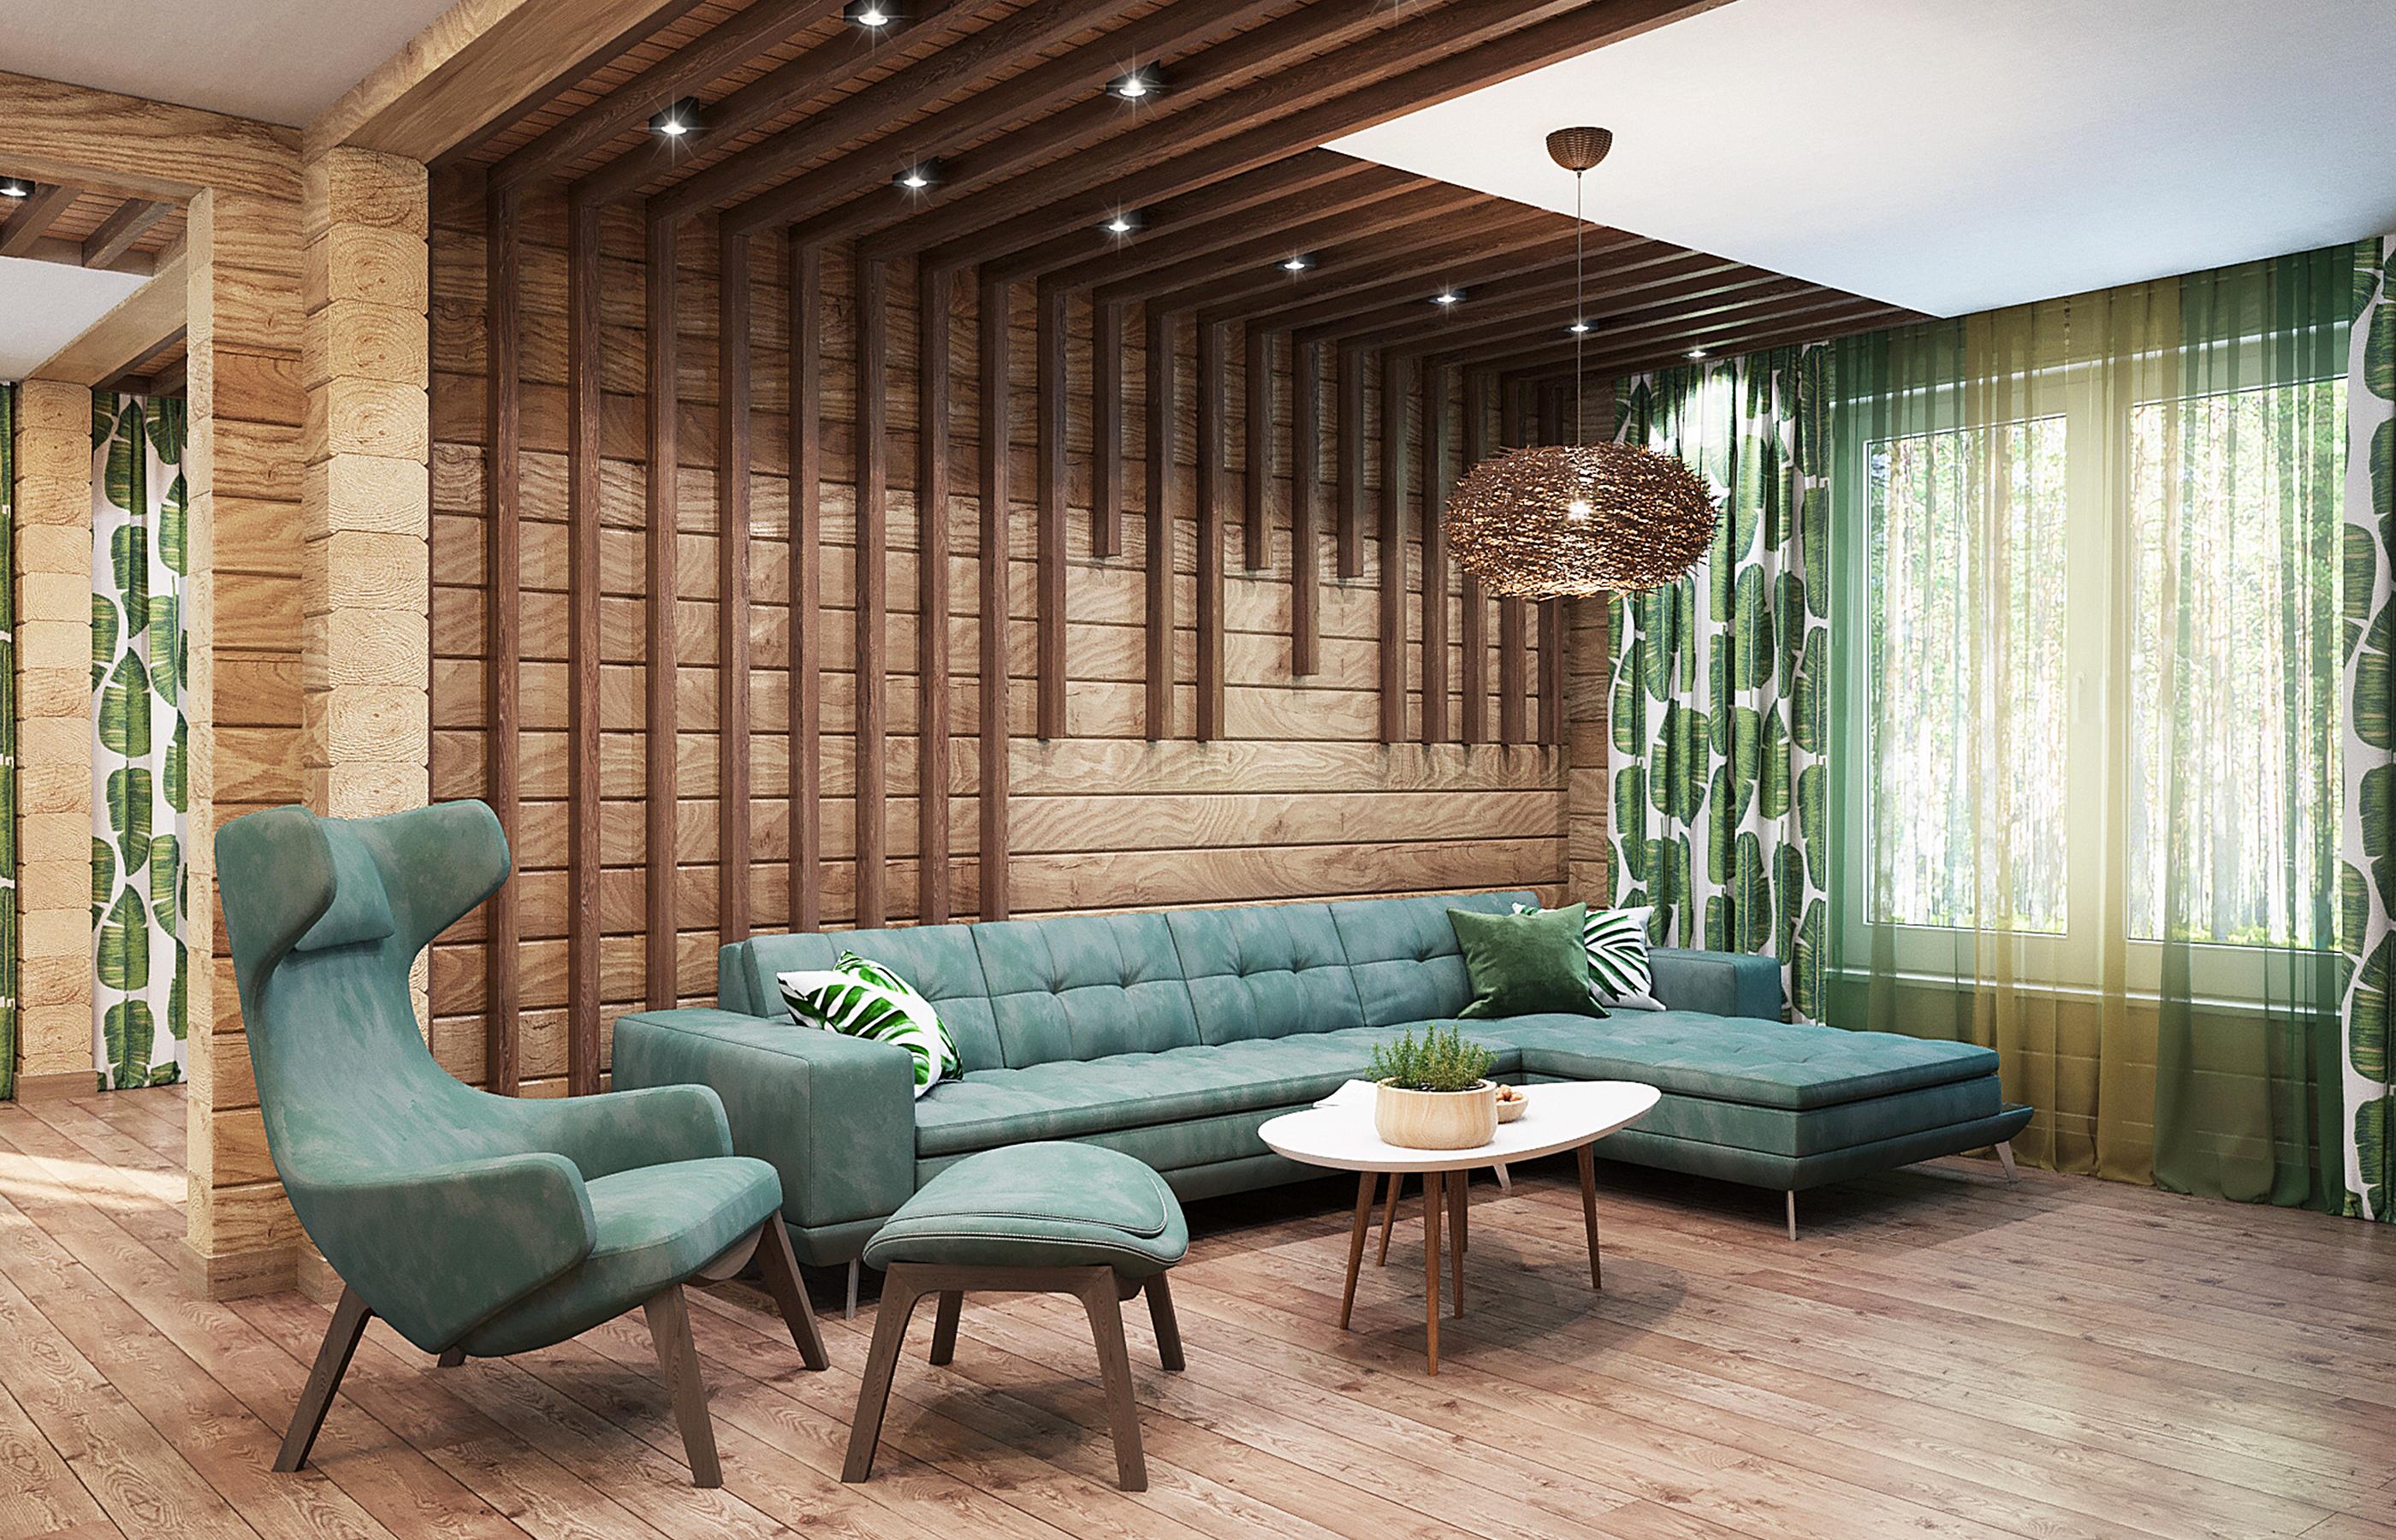 Экзотика к деревянном доме! Разве такое возможно?